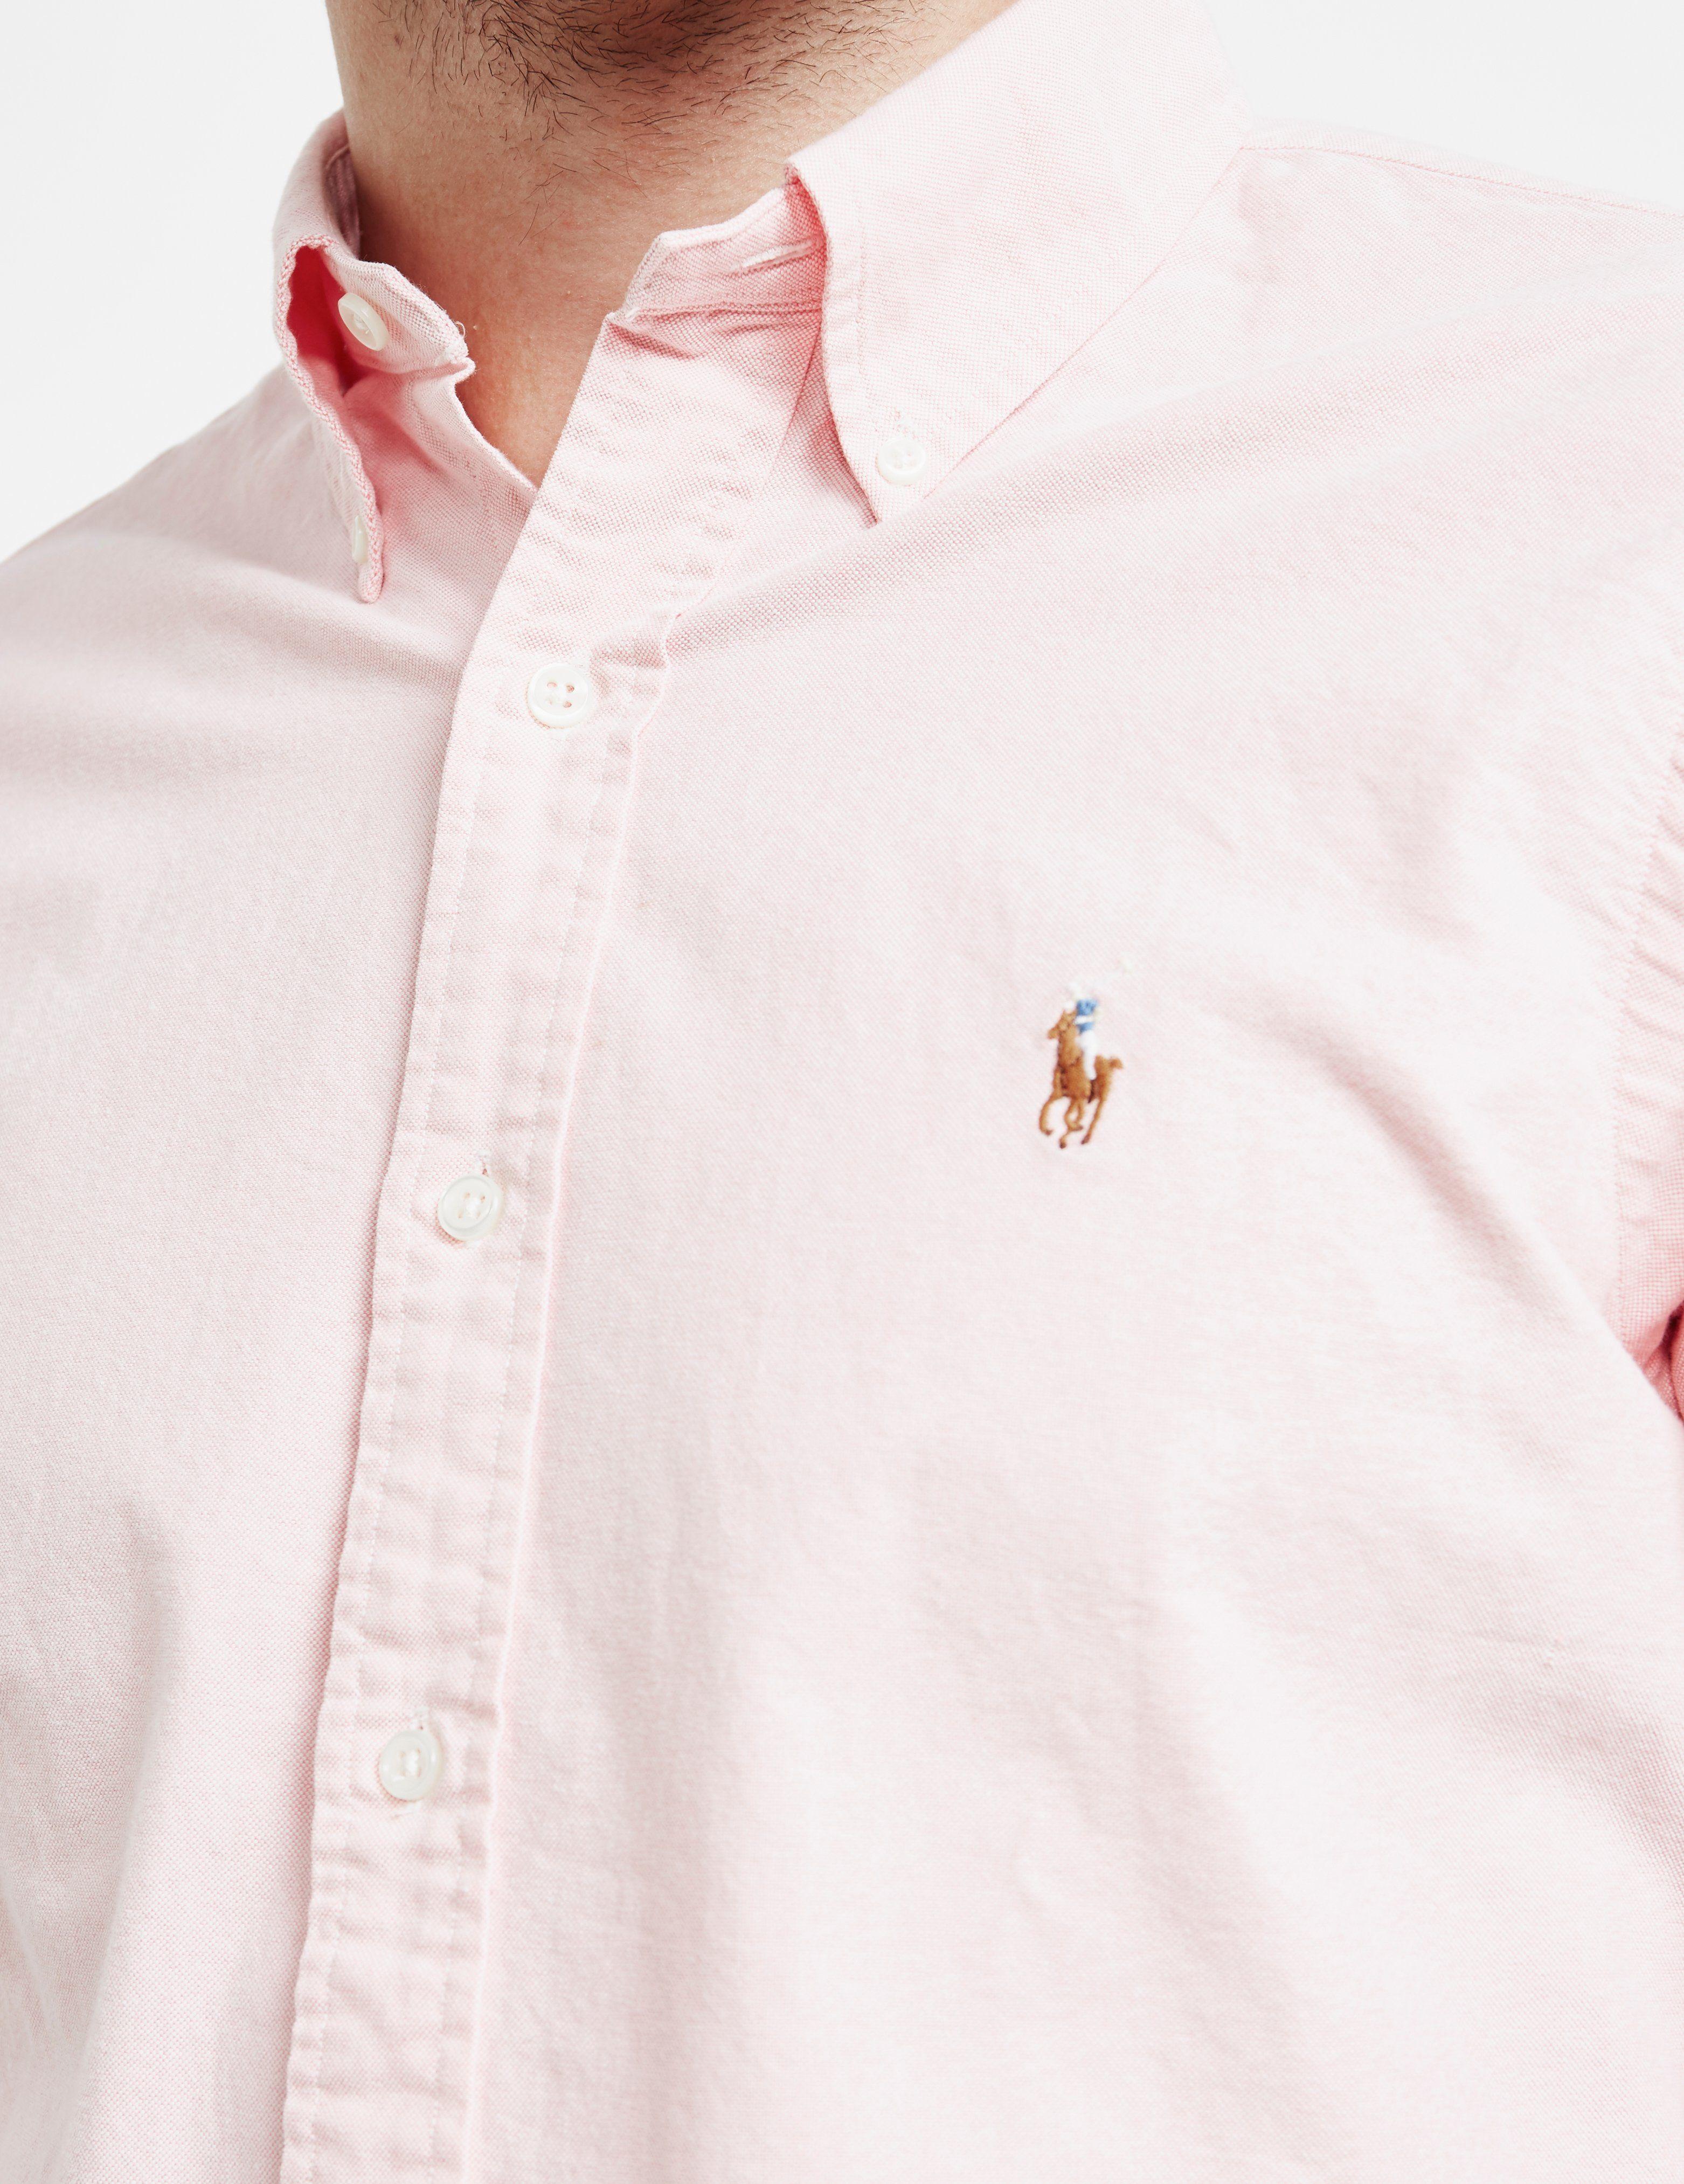 Polo Ralph Lauren Long Sleeve Oxford Shirt